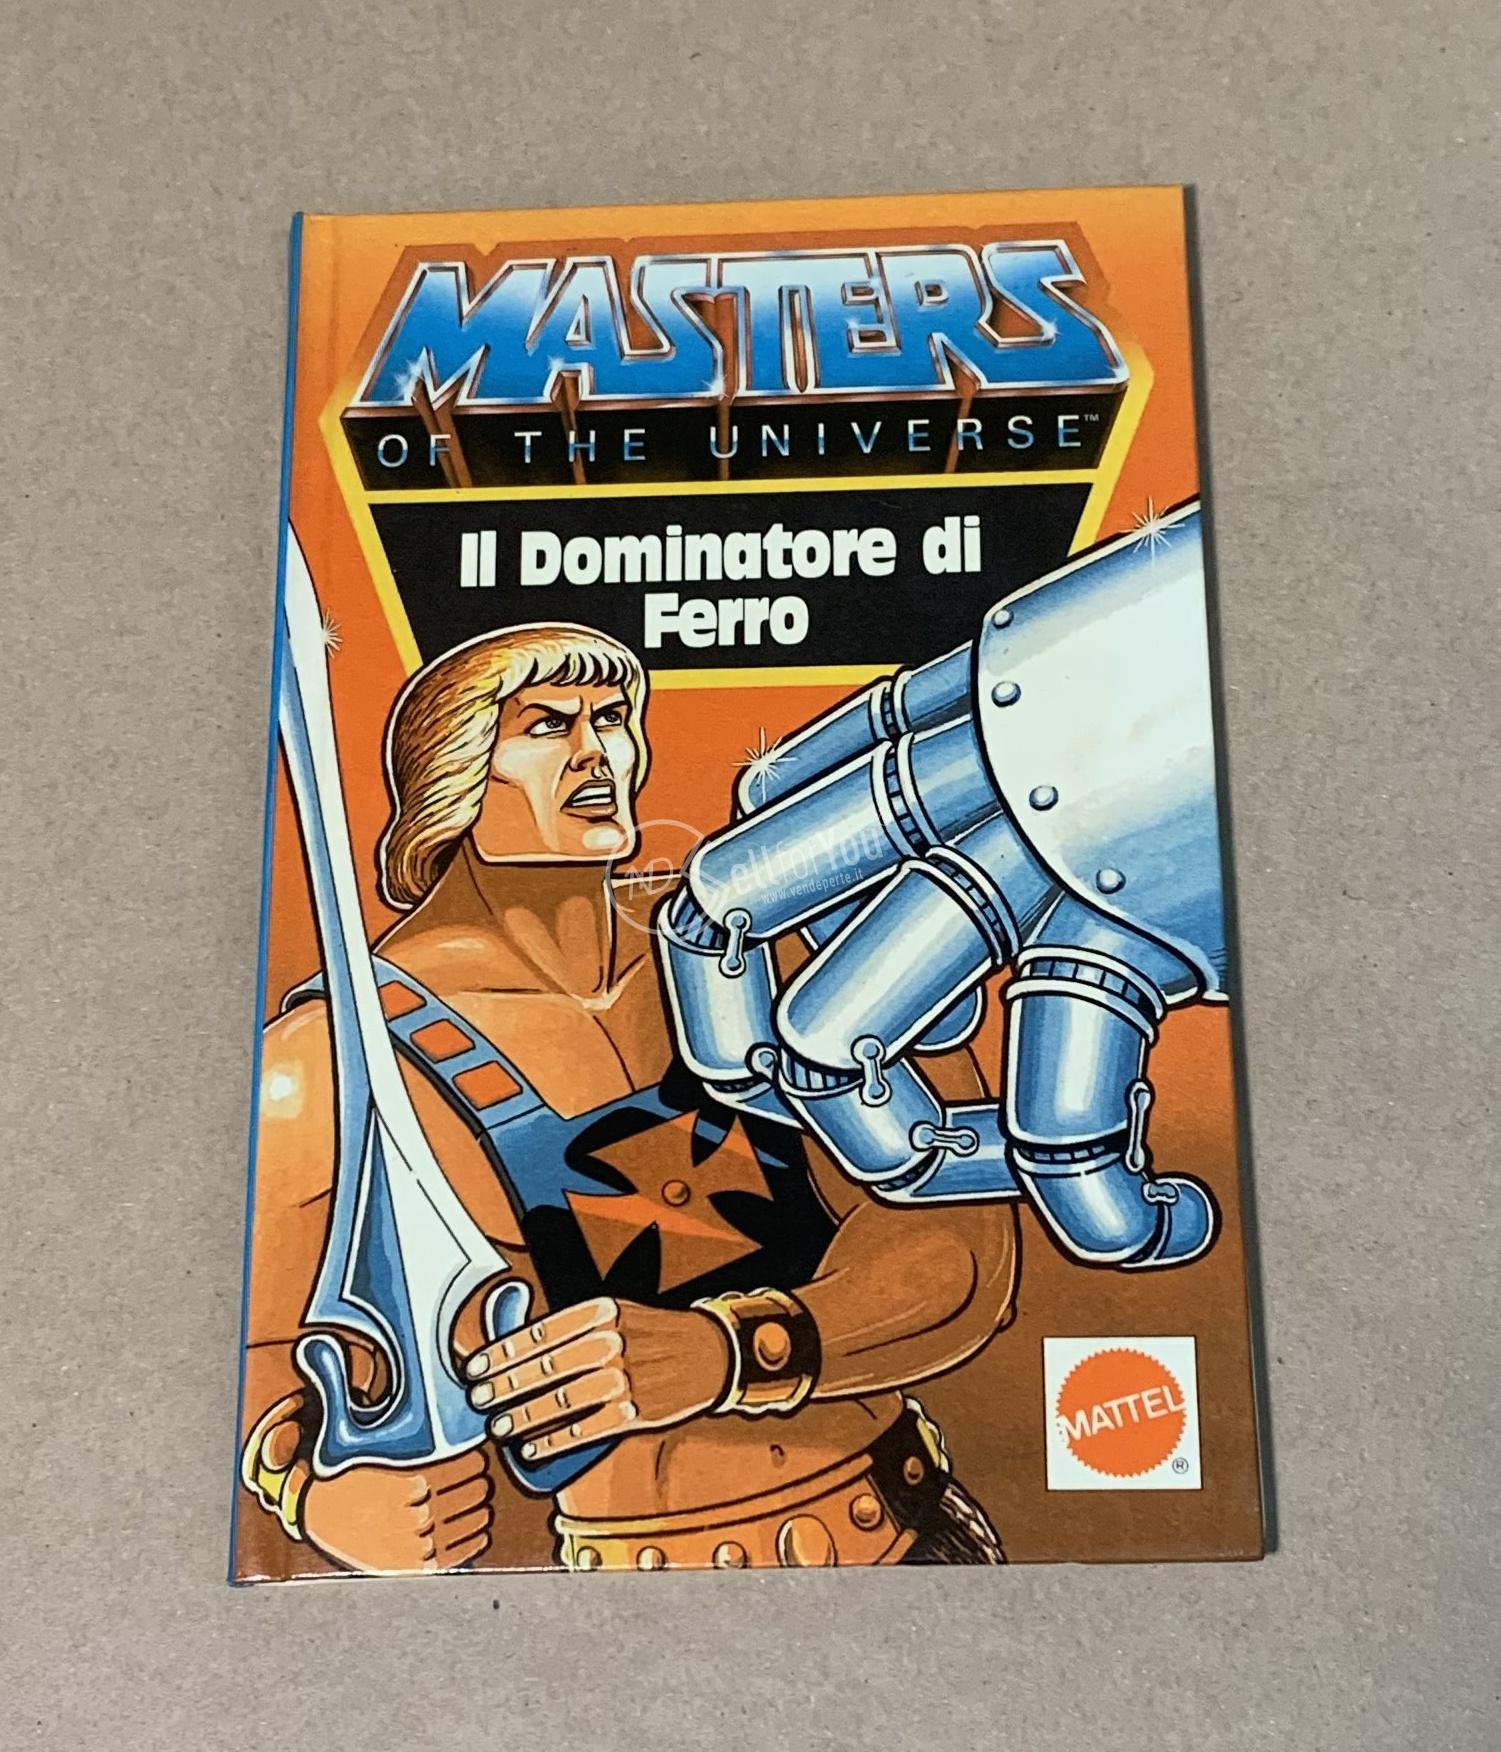 sellforyou immagine default articolo correlato non trovatoMasters of the Universe il Dominatore di ferro 1985